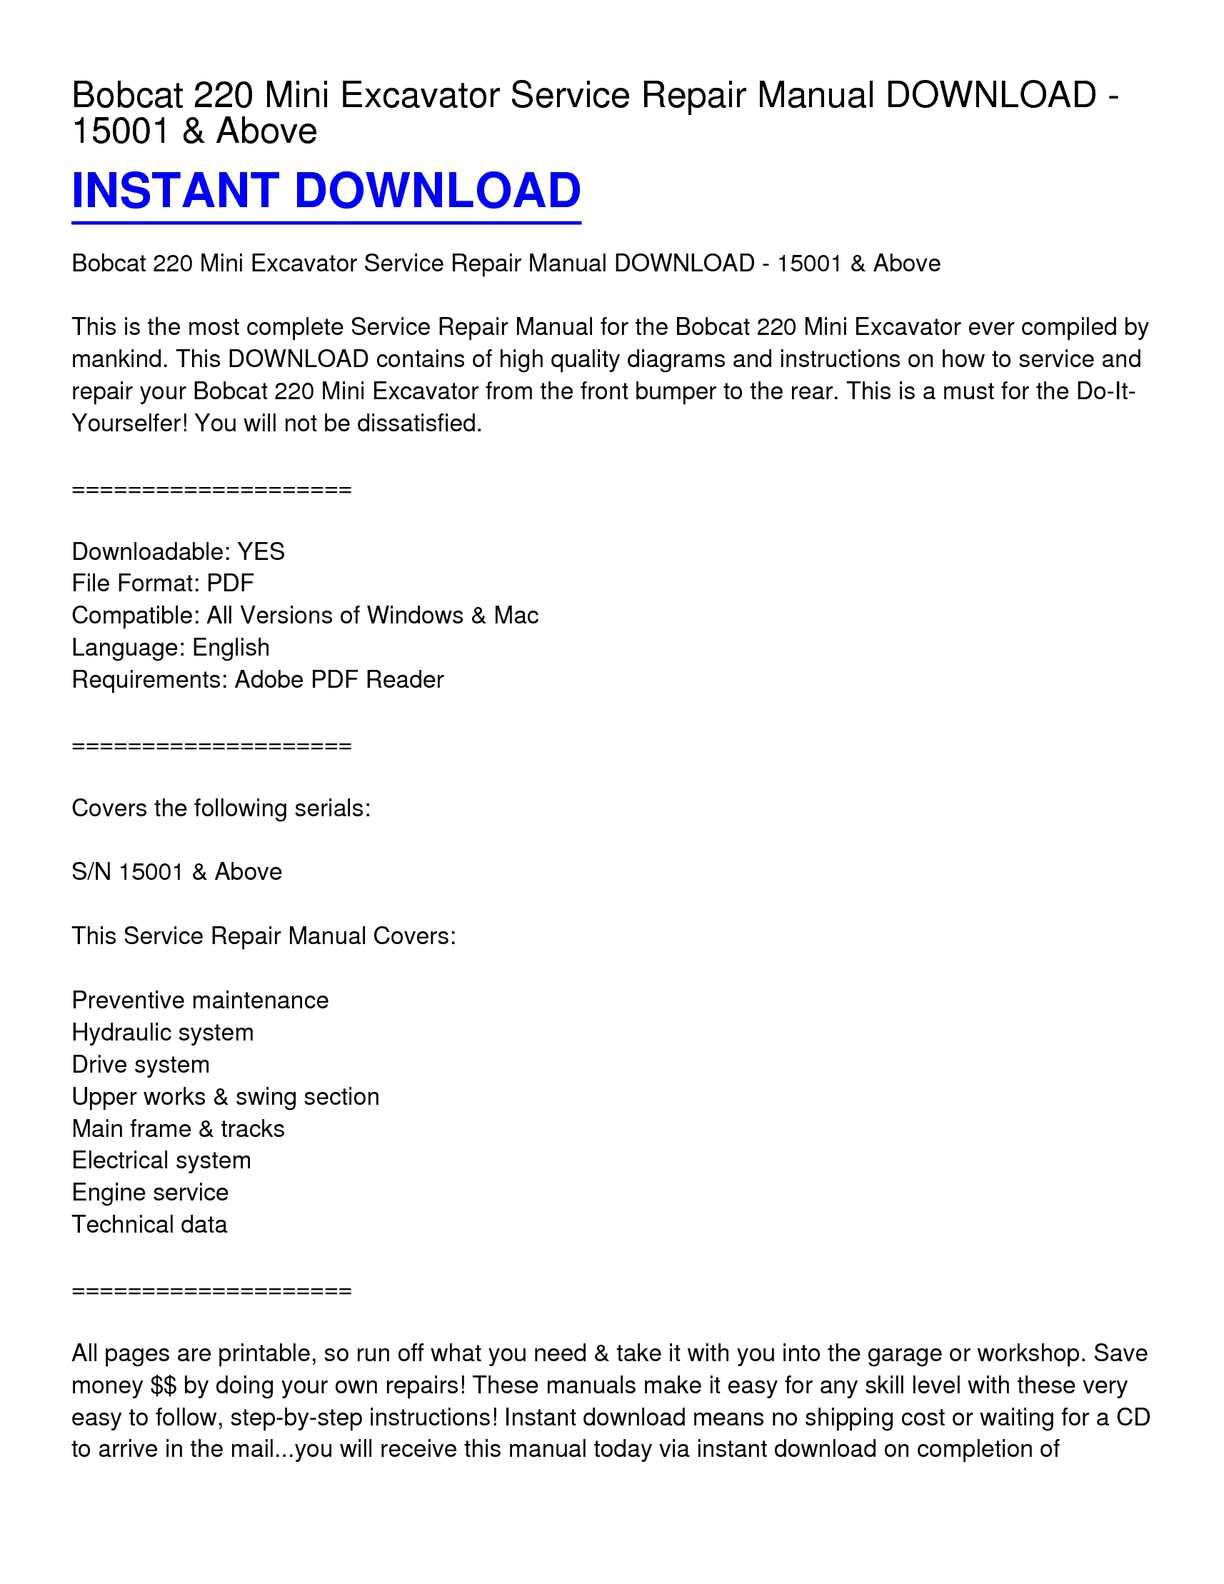 Calamo Bobcat 220 Mini Excavator Service Repair Manual Download Electrical Diagram Reading Pdf 15001 Above